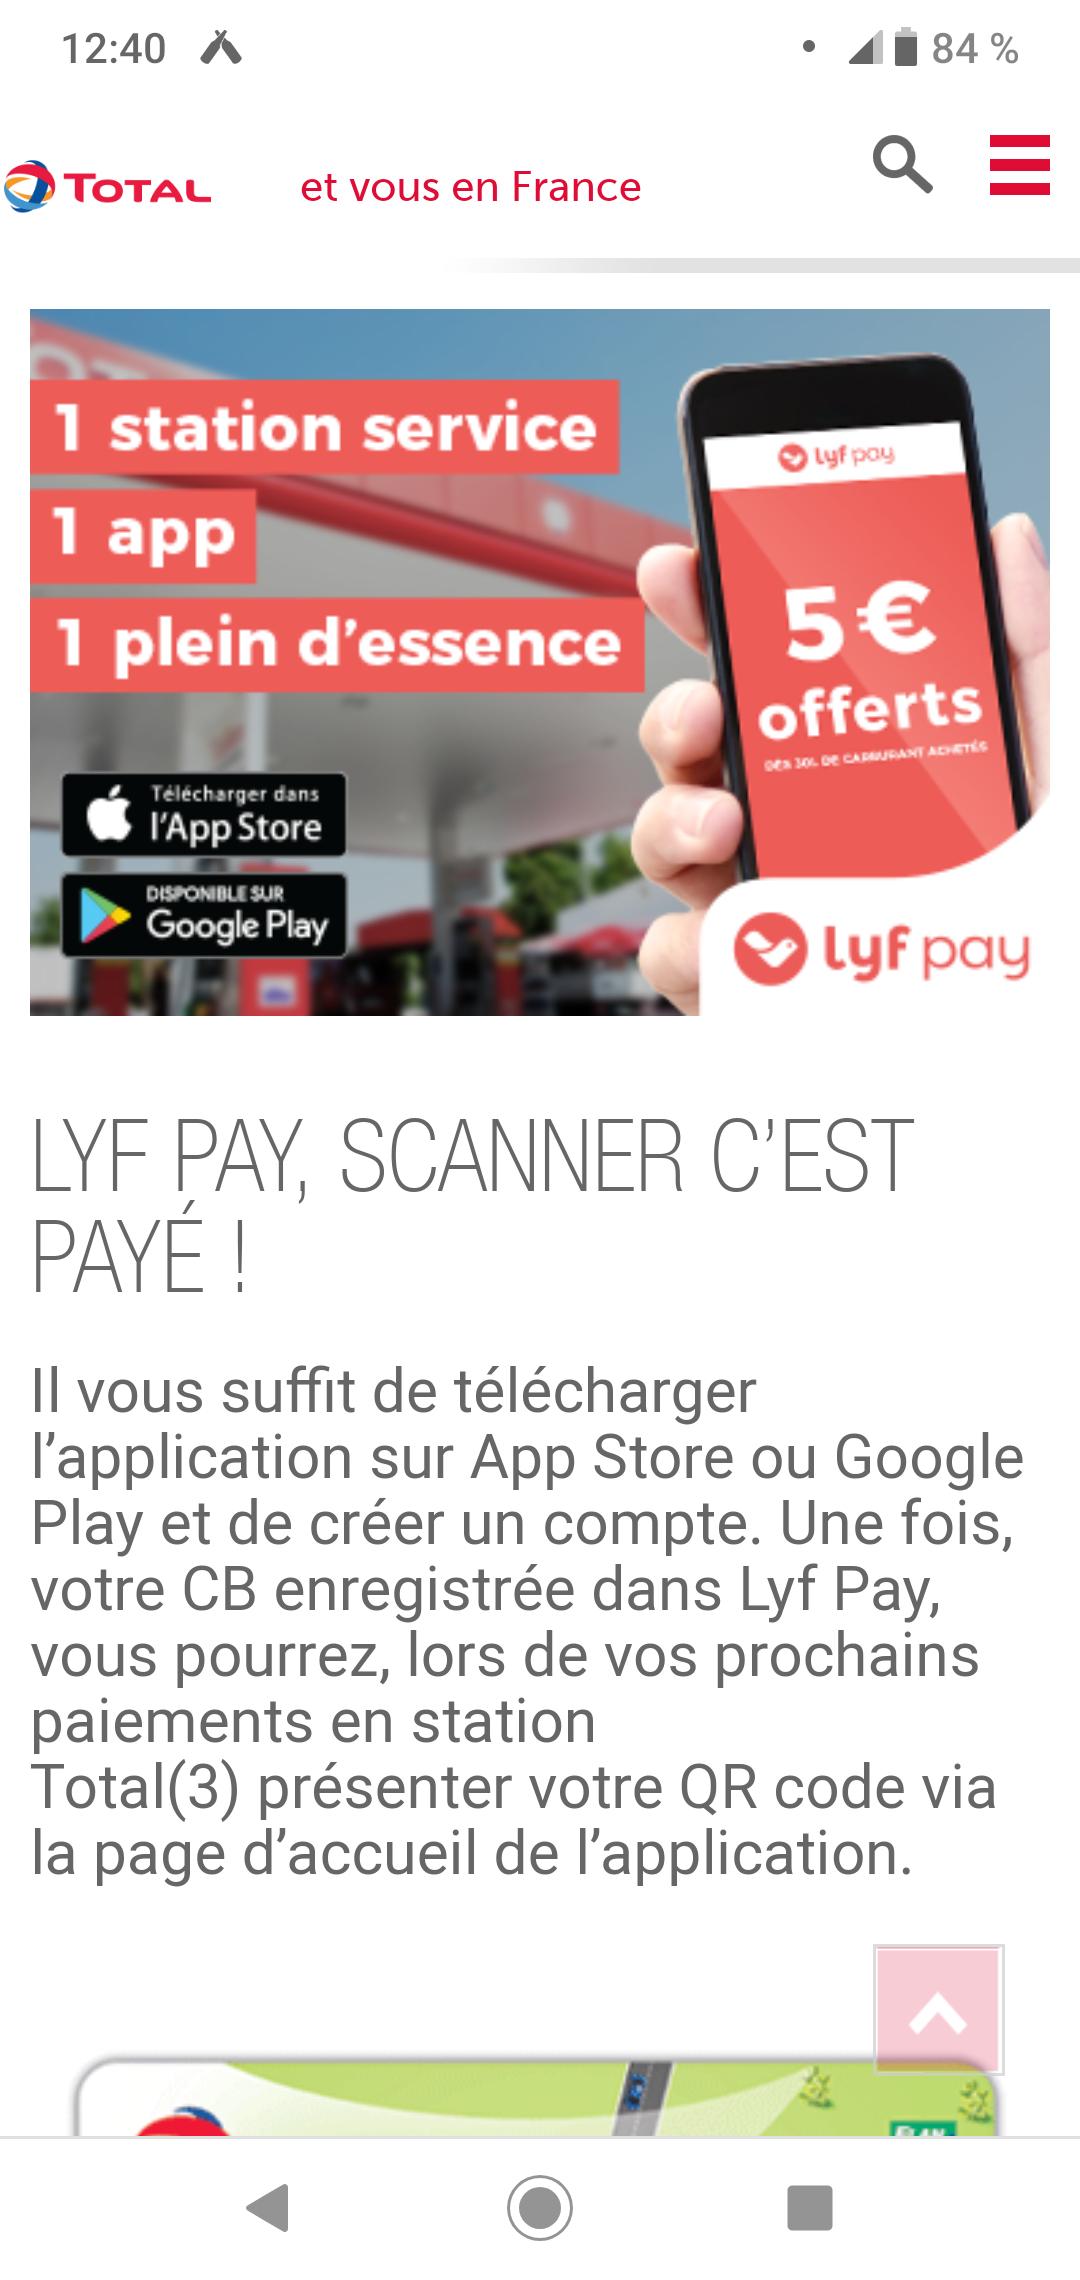 5€ remboursés sur votre compte dès 30L de carburant payé chez Total (via Lyf Pay)